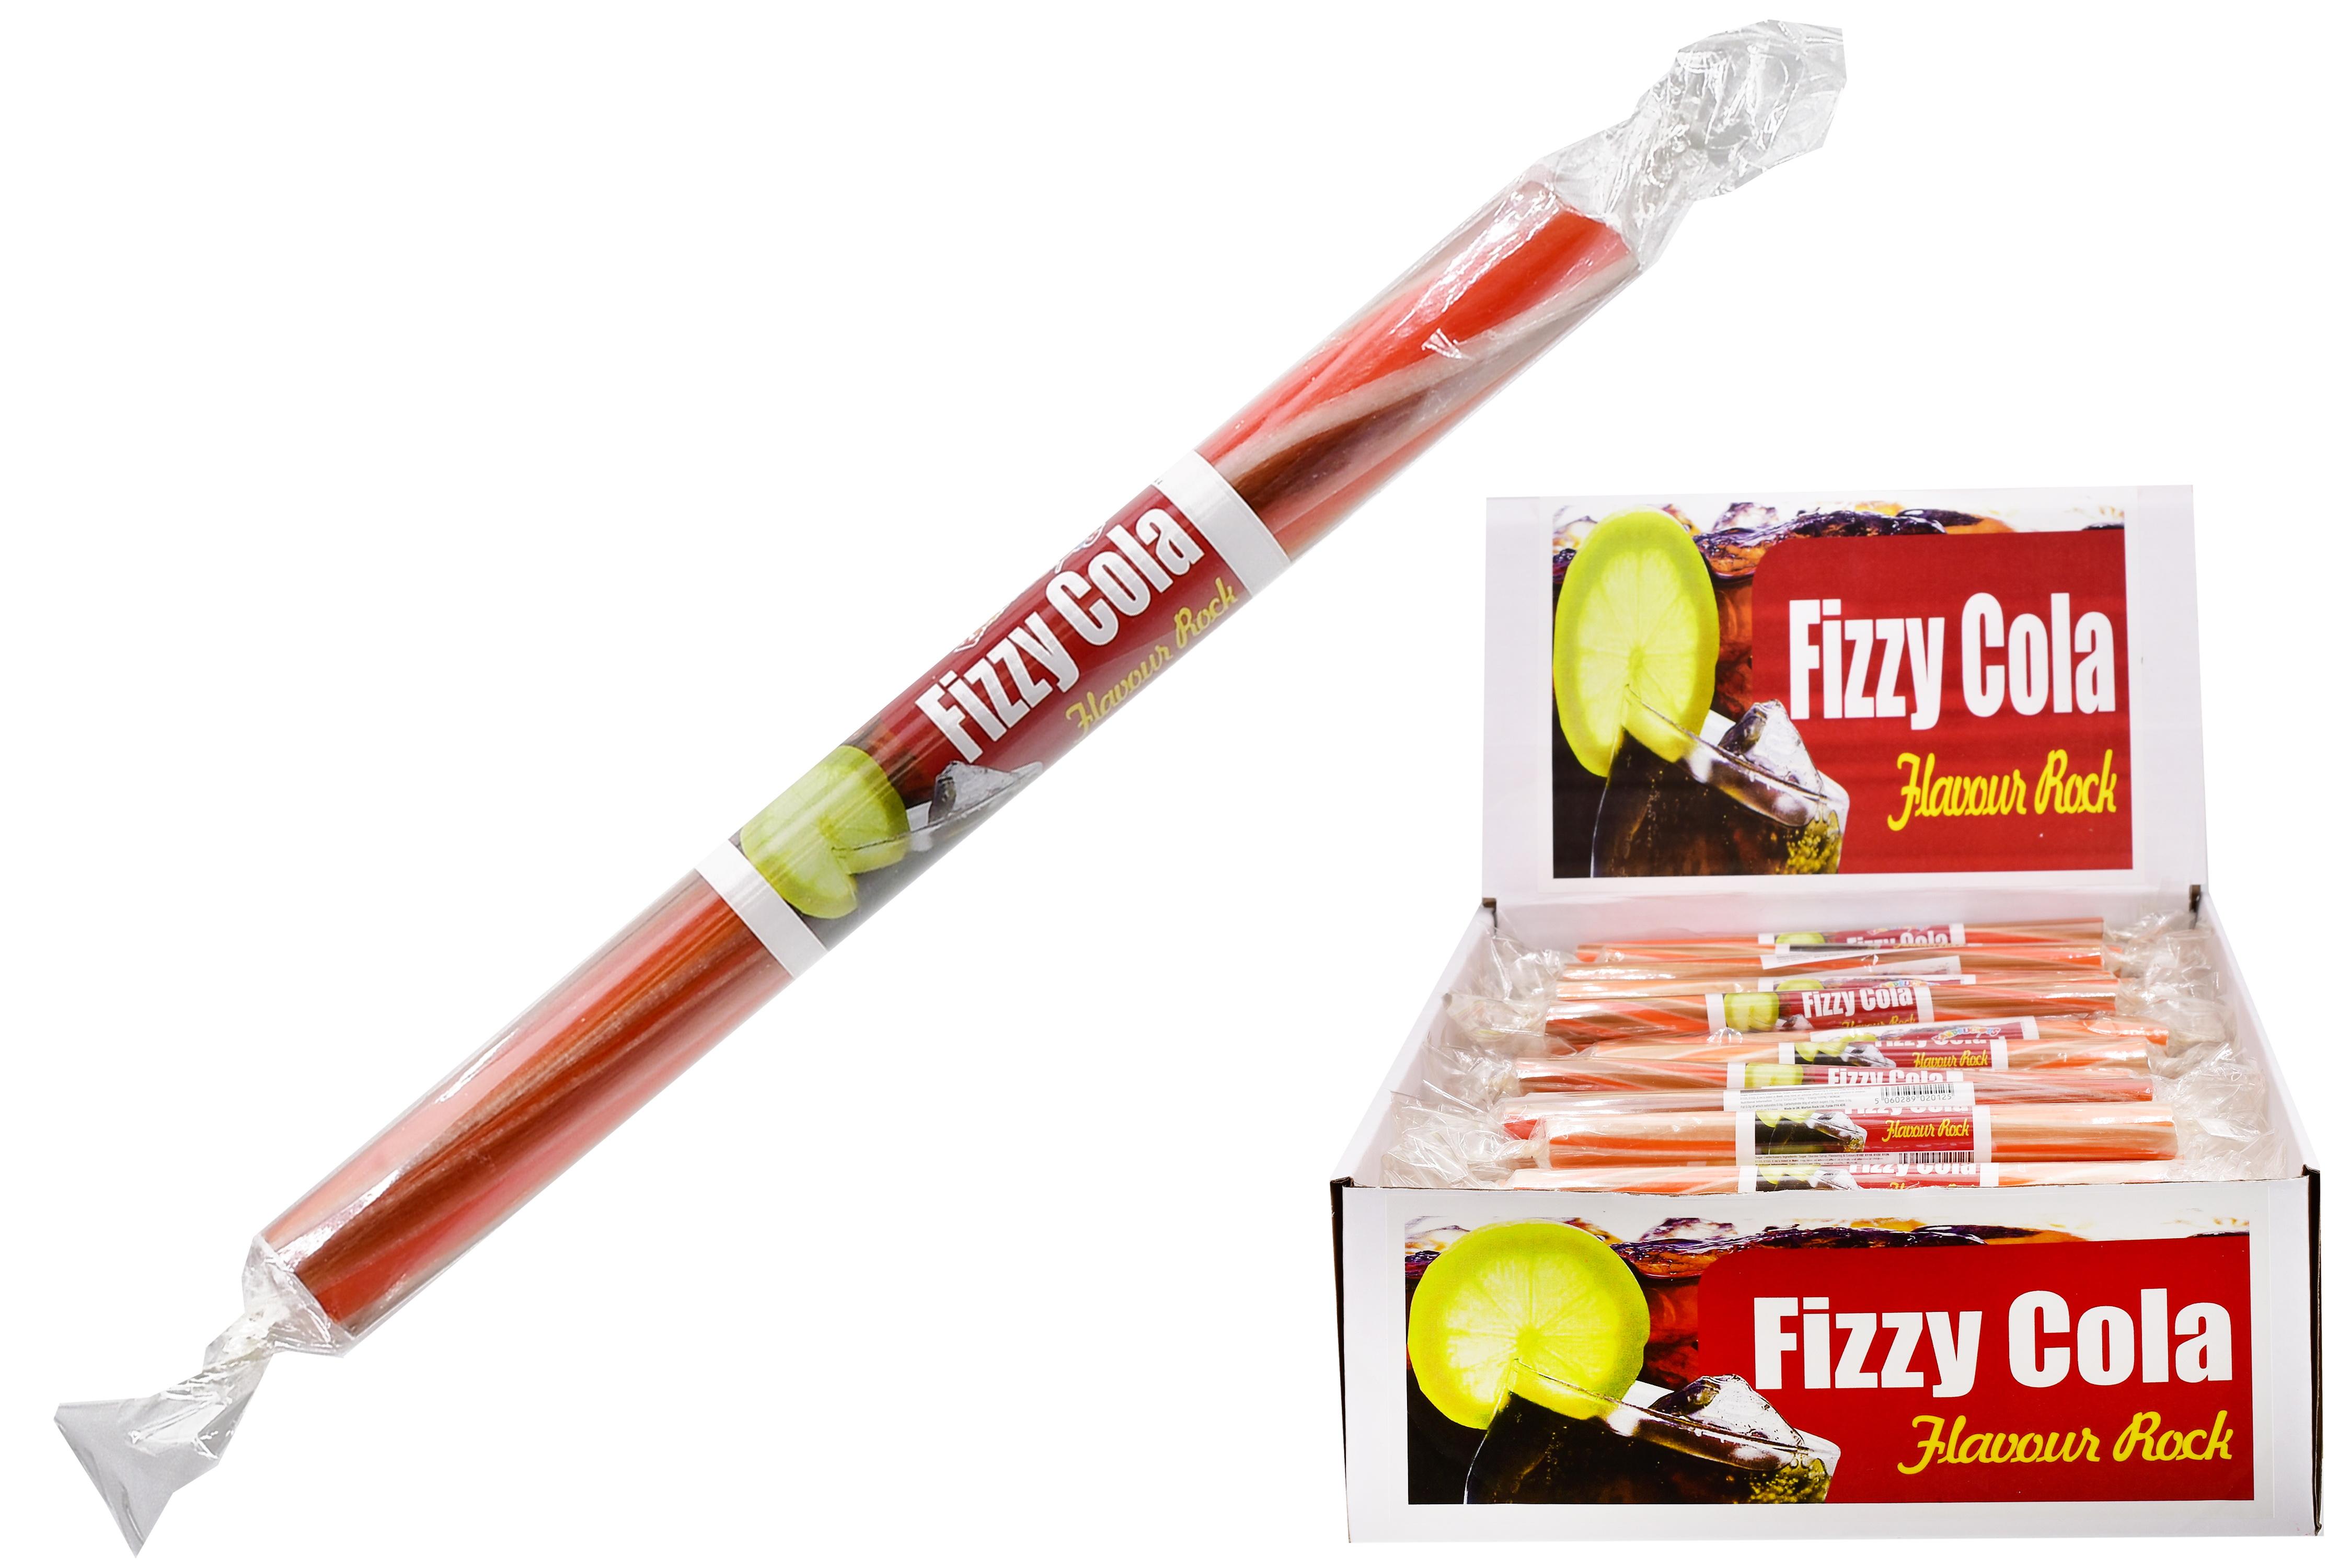 Fizzy Cola - Flavoured Rock Sticks